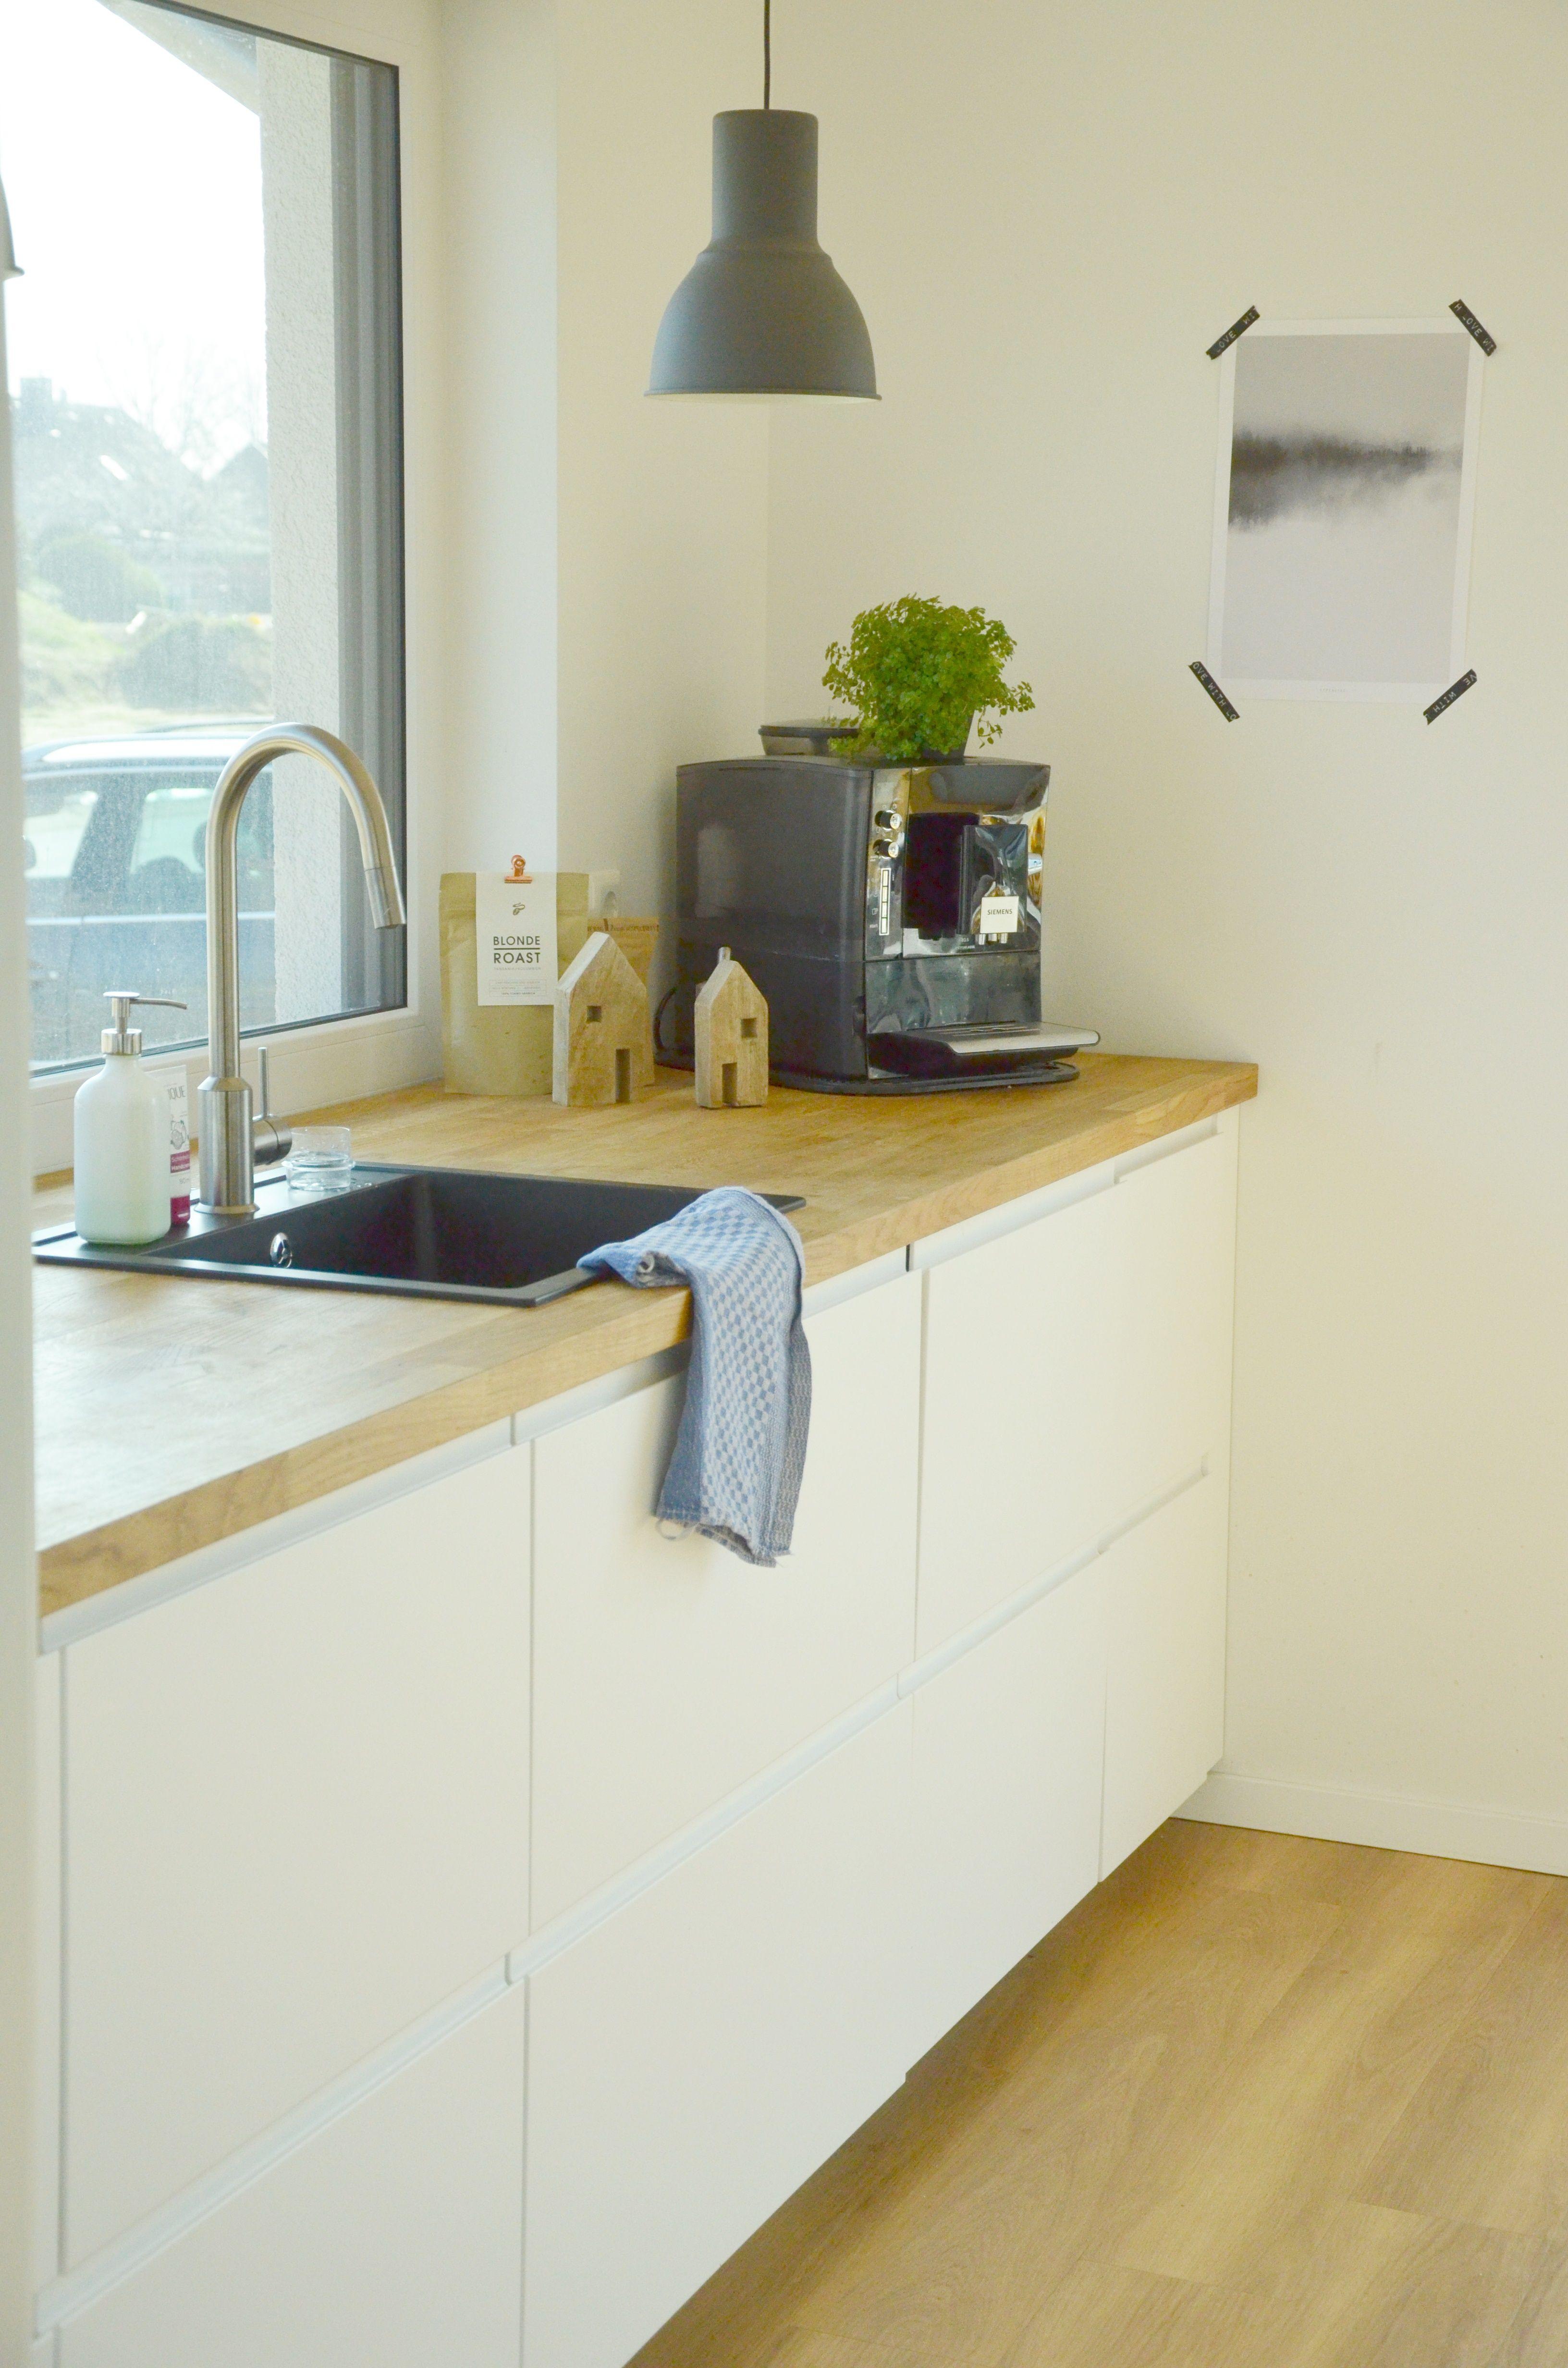 Küchenschränke basis meine küche von ikea i voxtorp i personlig i piepenkötters bungalove